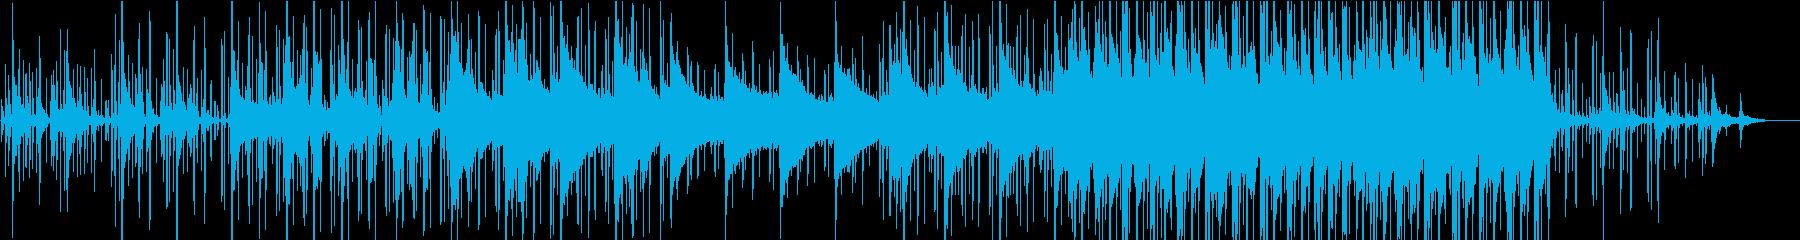 【和風】神秘的なlofi hiphopの再生済みの波形